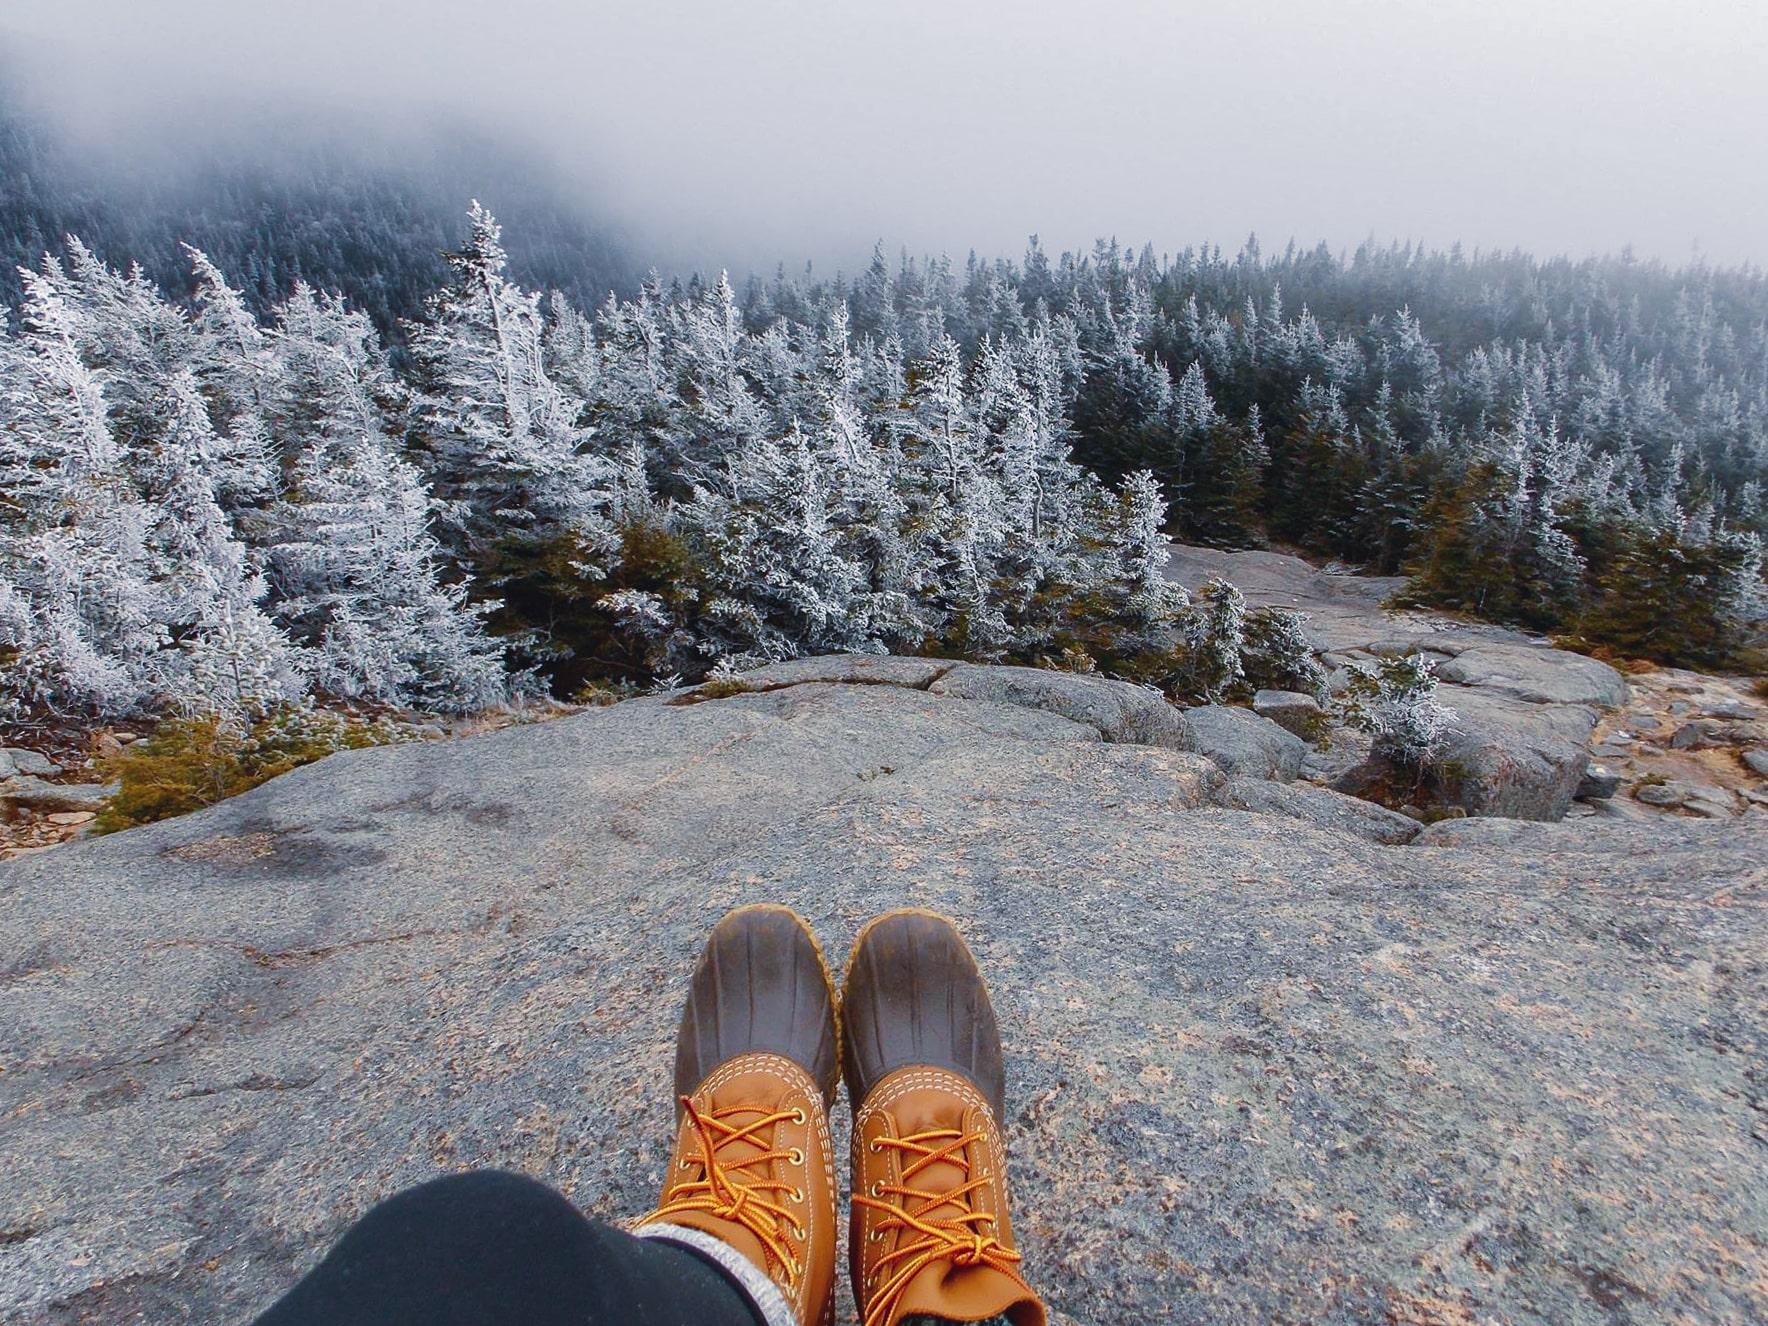 High Peak Trail near Lake Placid, NY